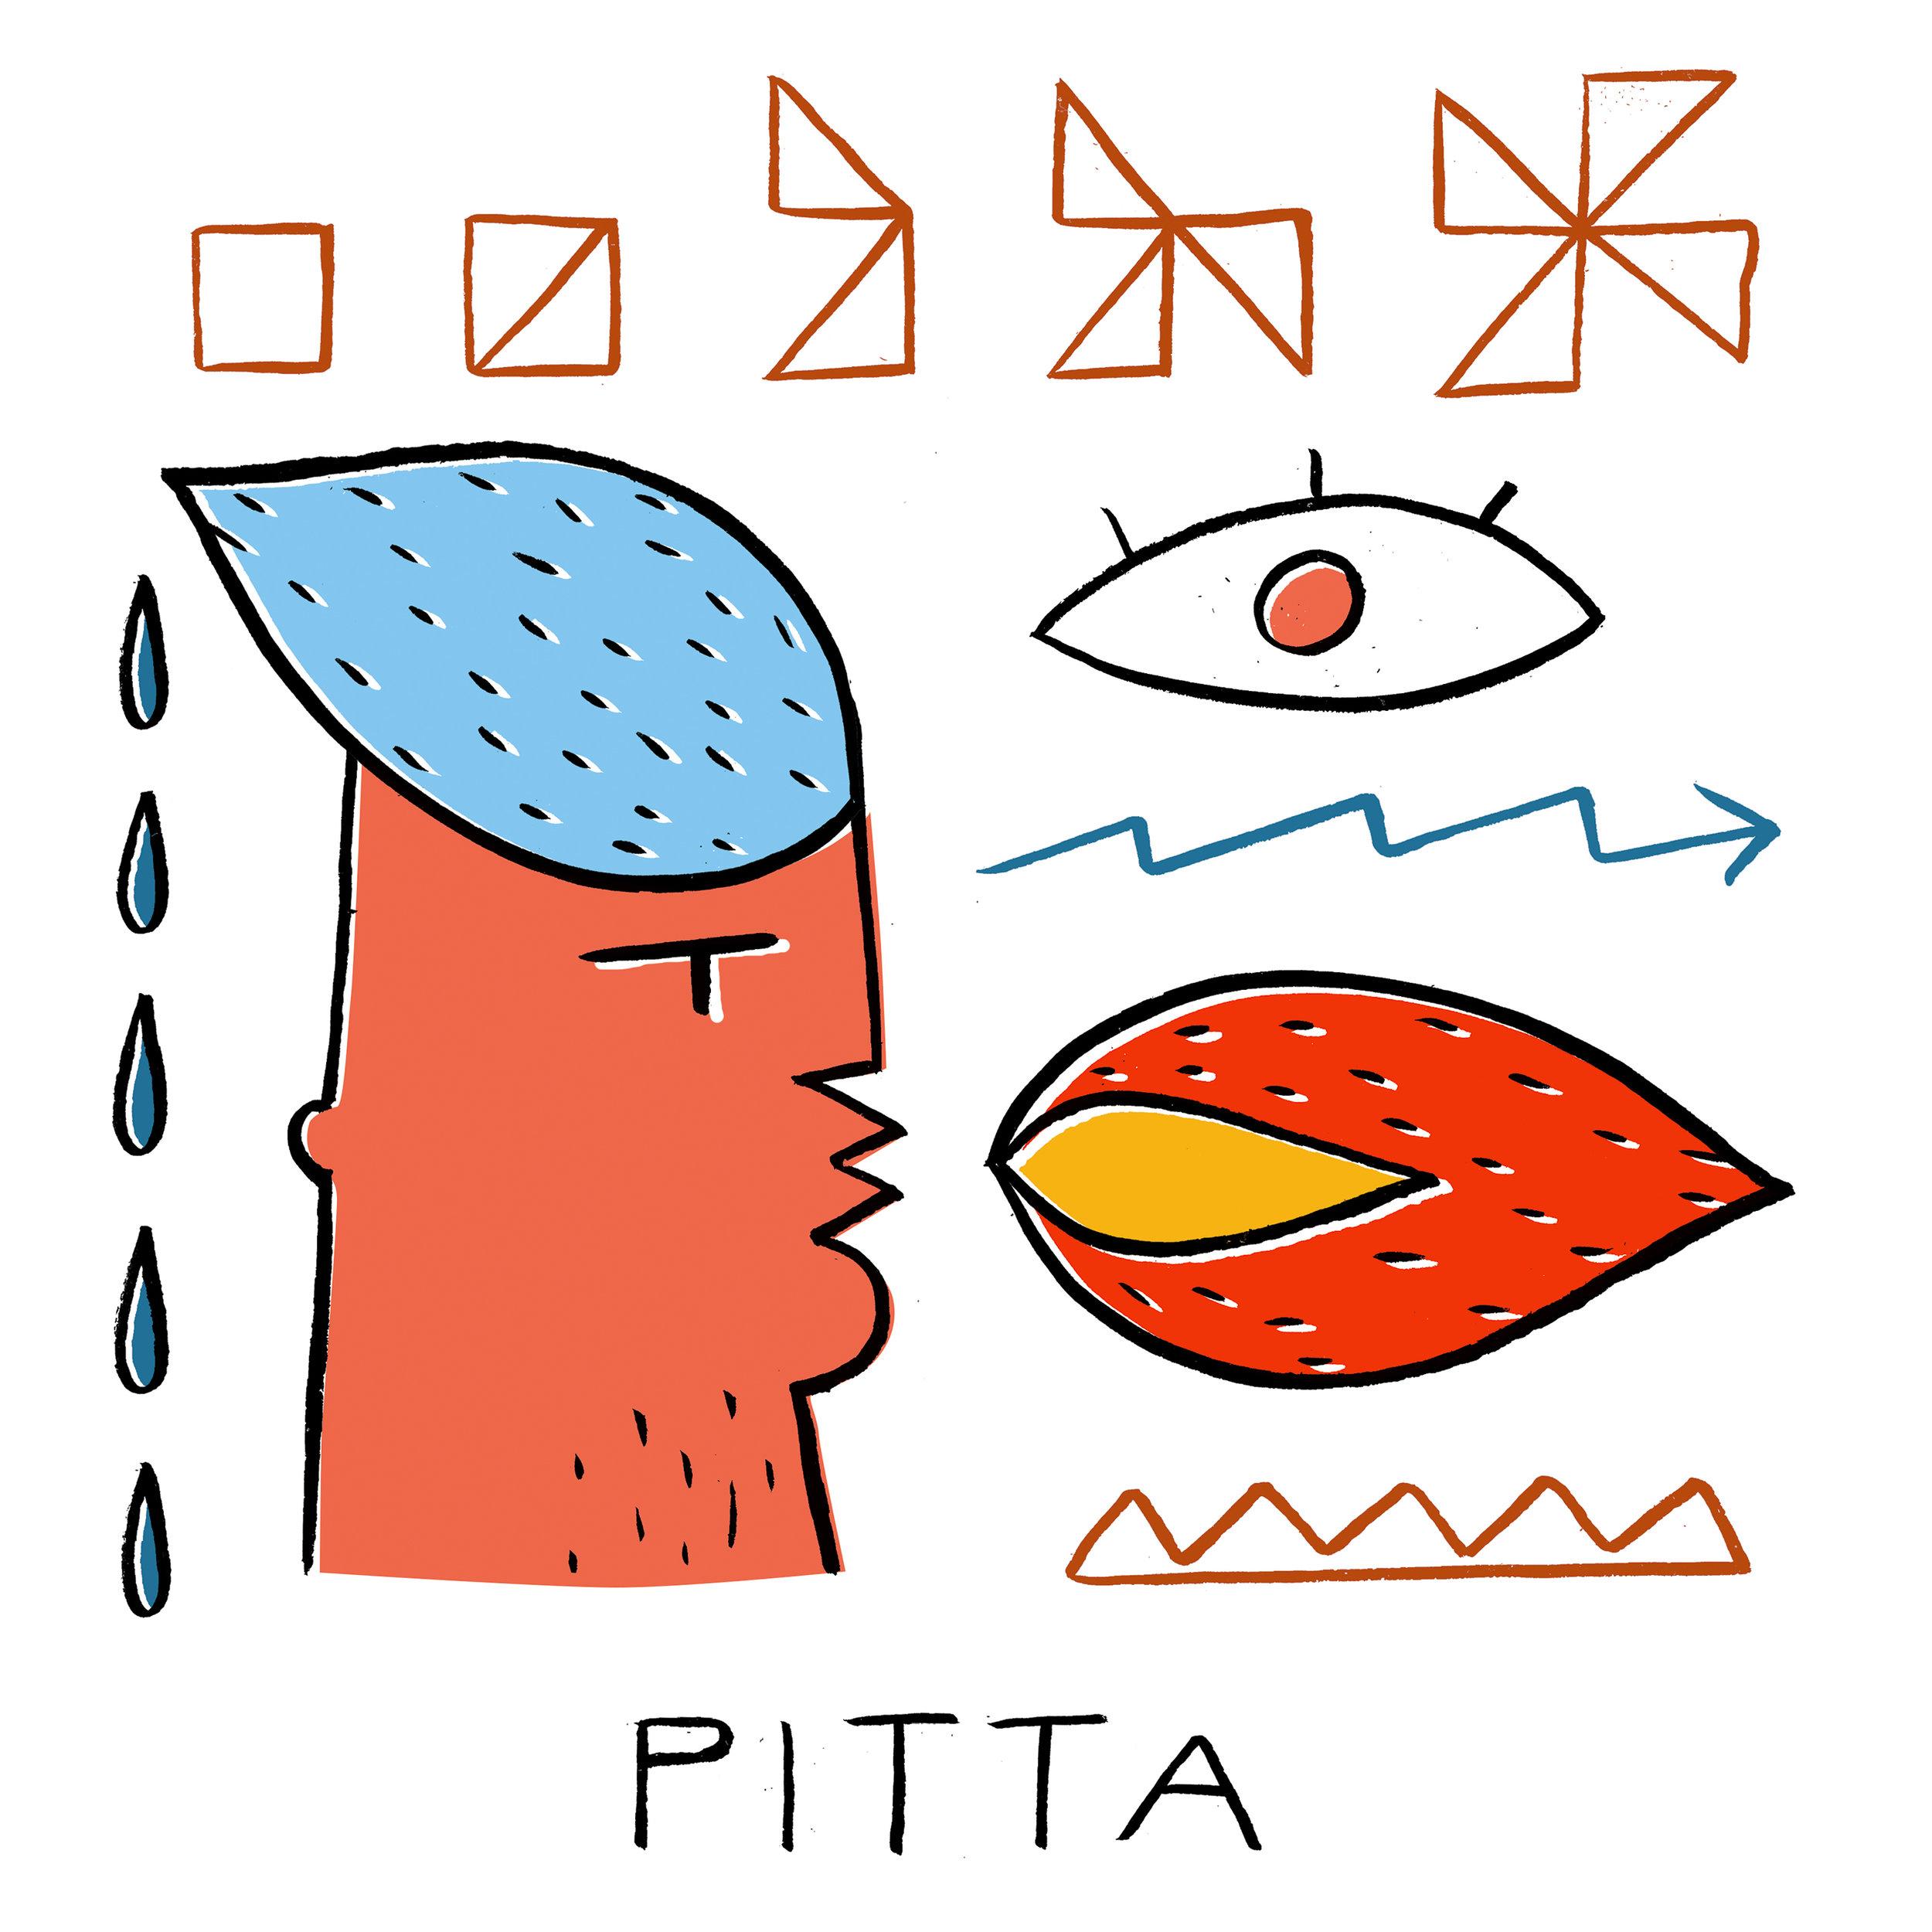 pitta_insta.jpg